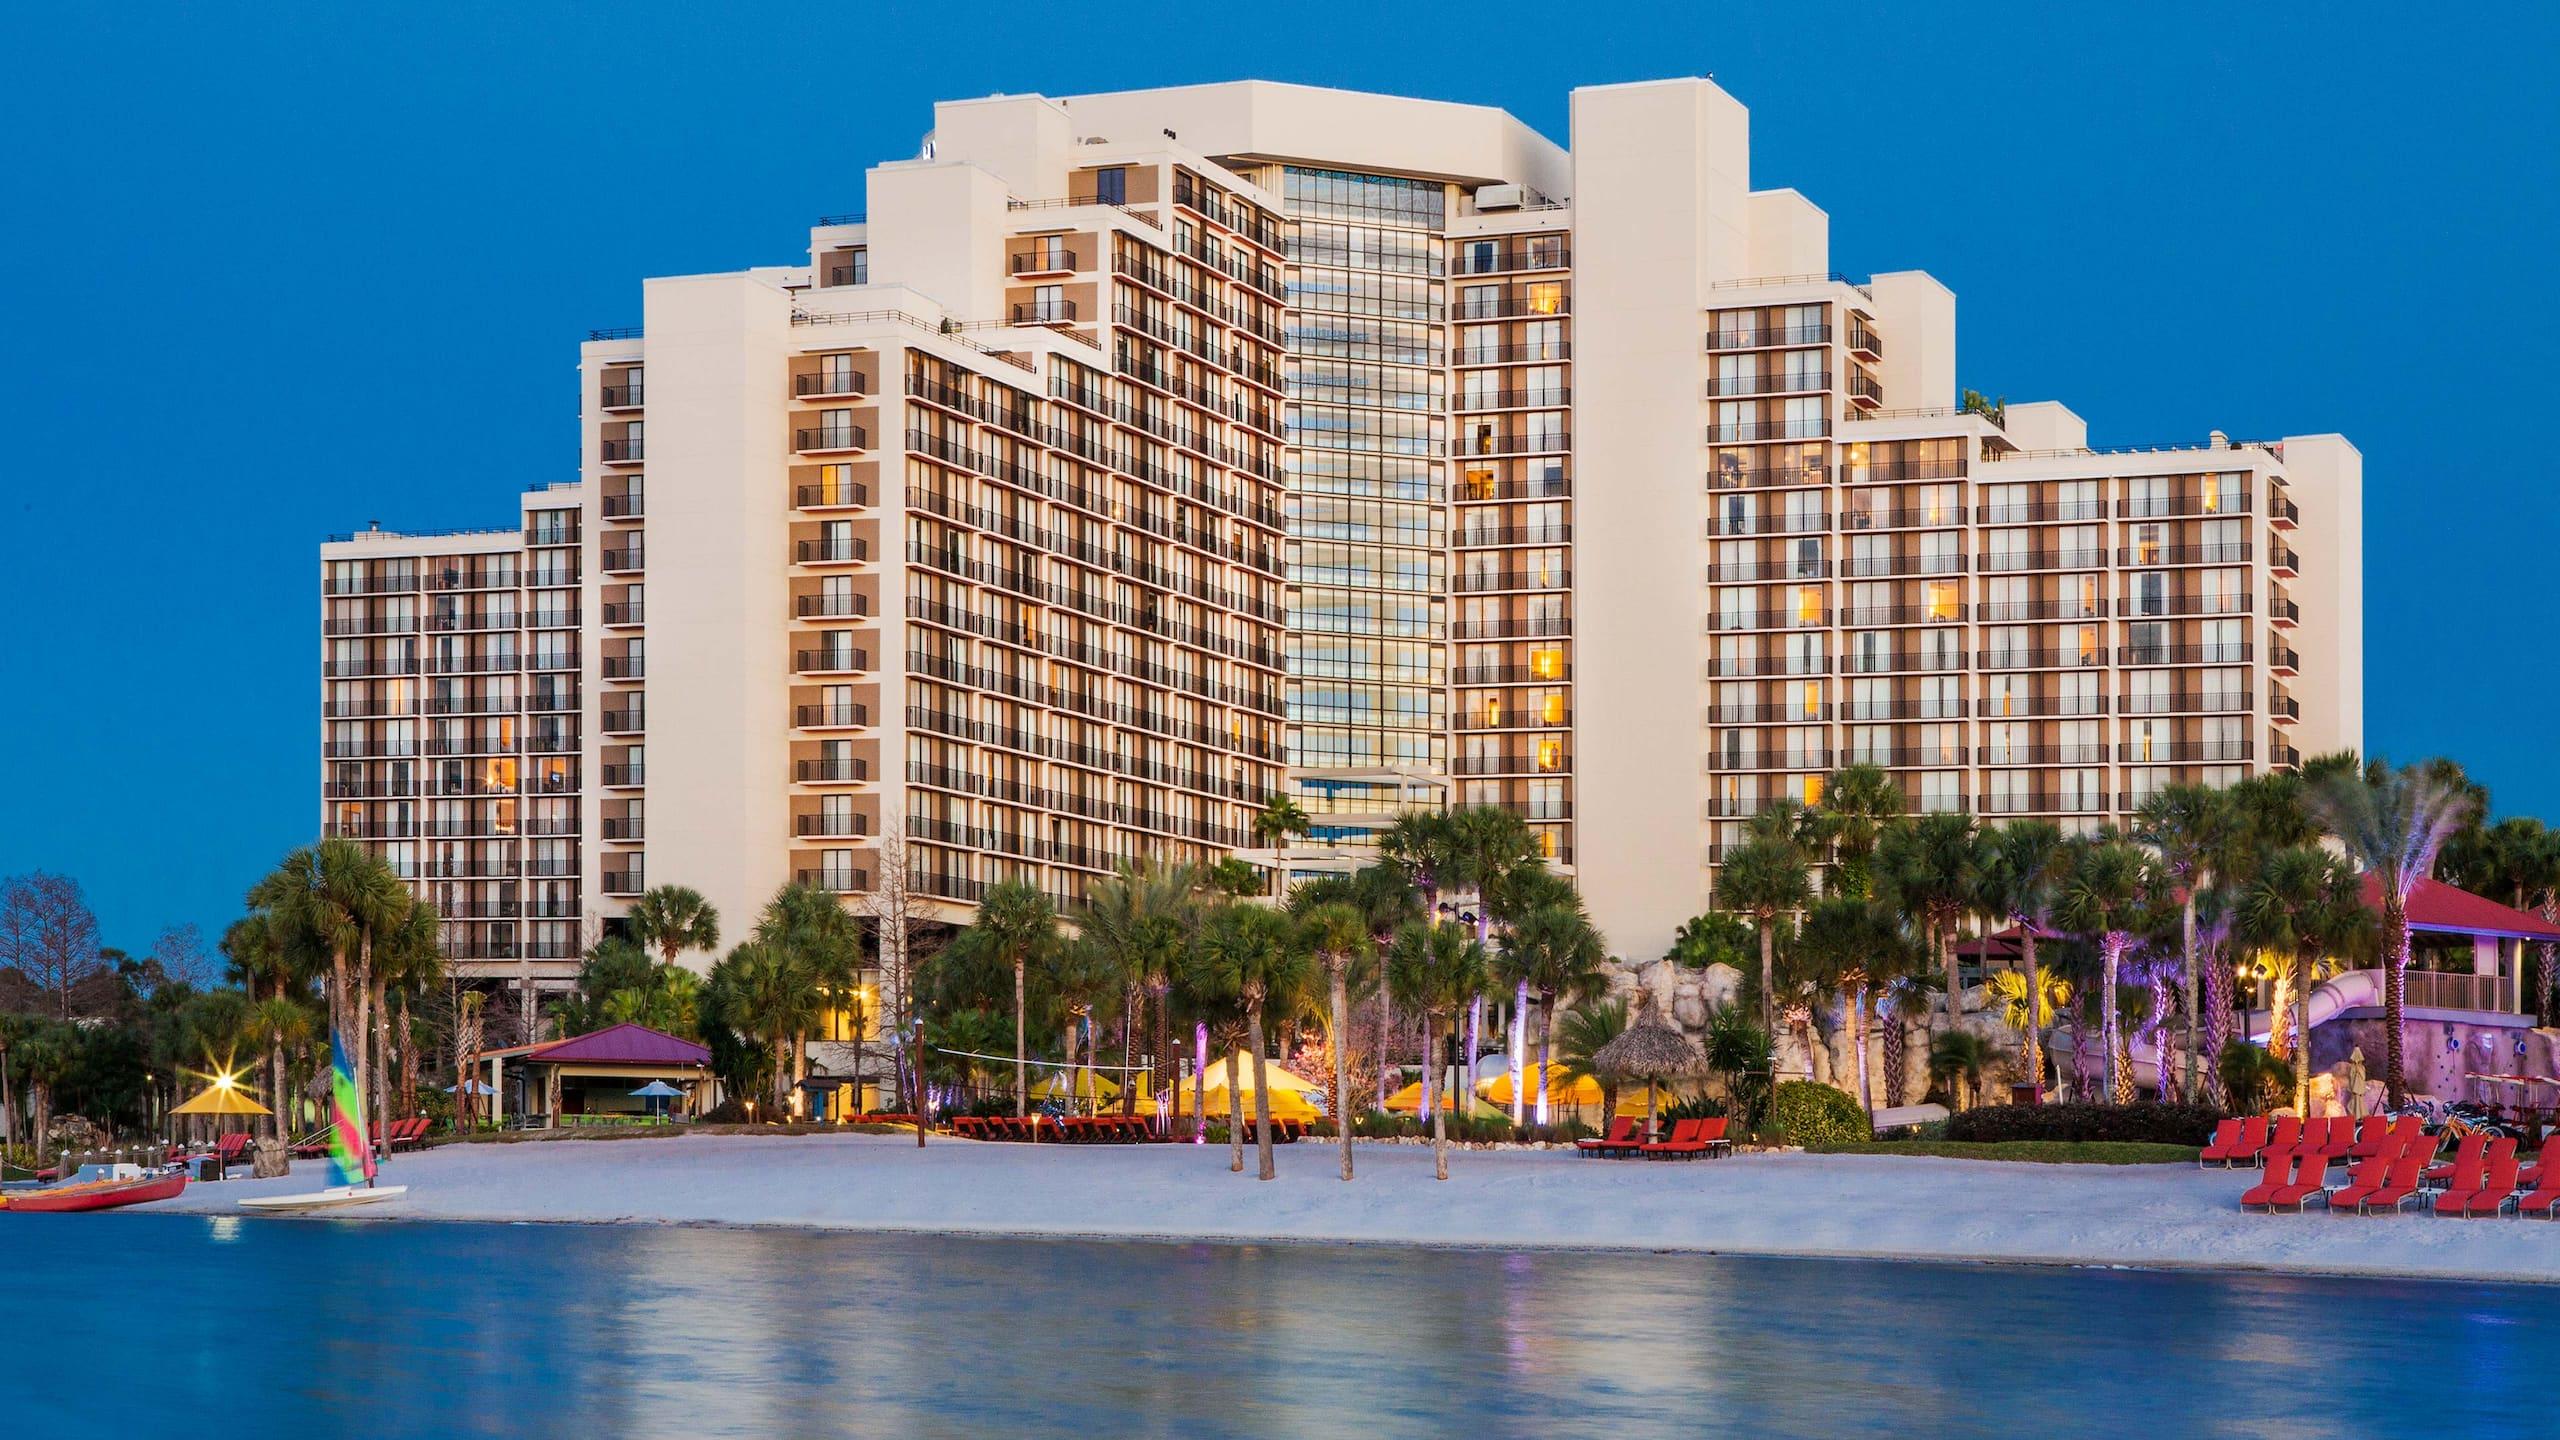 Golf Resort in Orlando, Florida | Hyatt Regency Grand Cypress